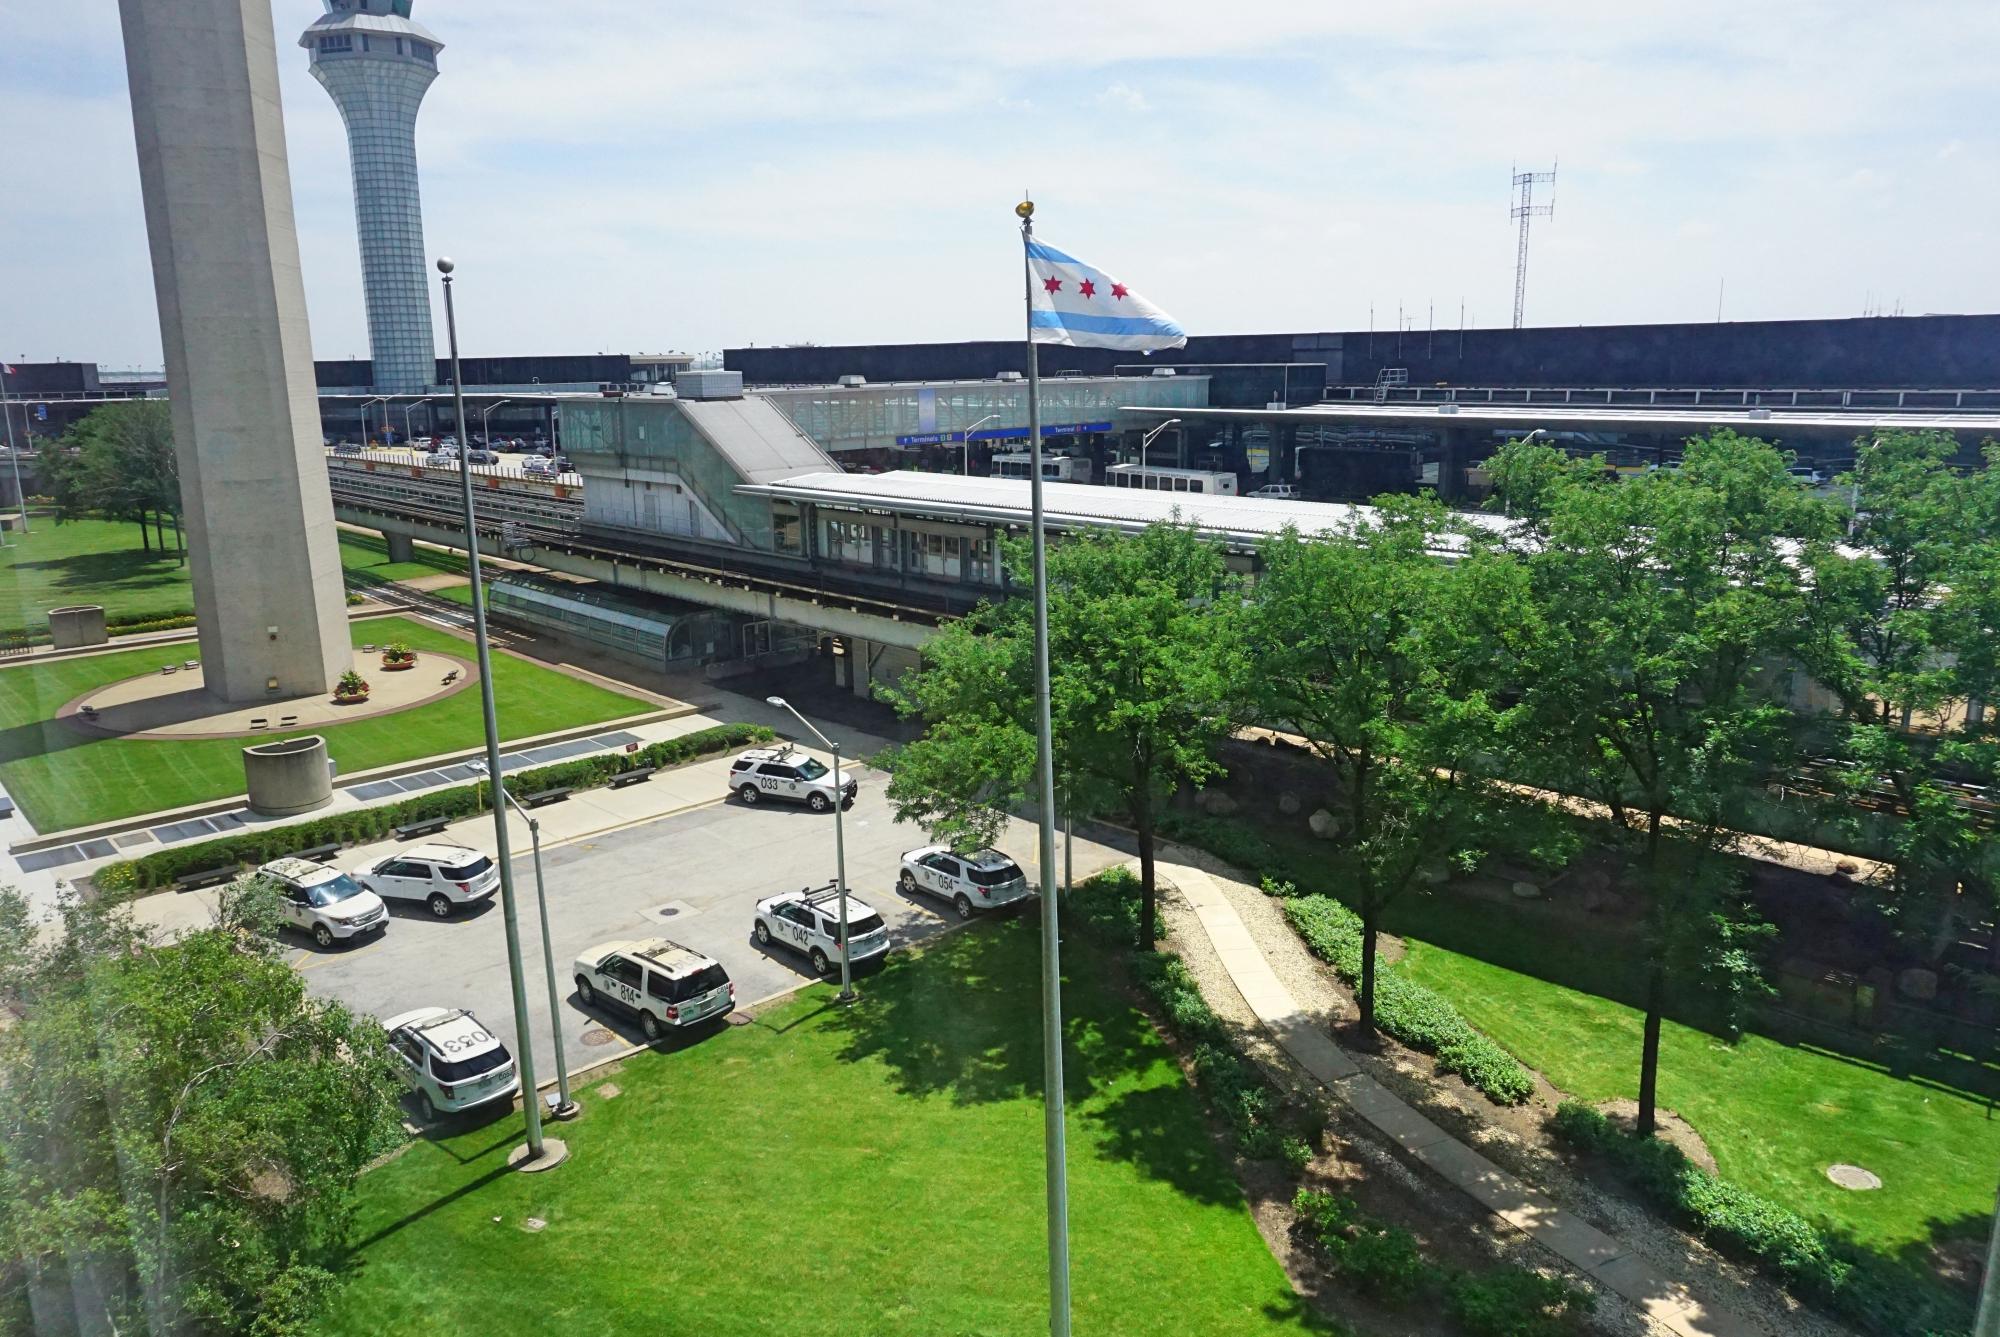 dormir no aeroporto de Chicago